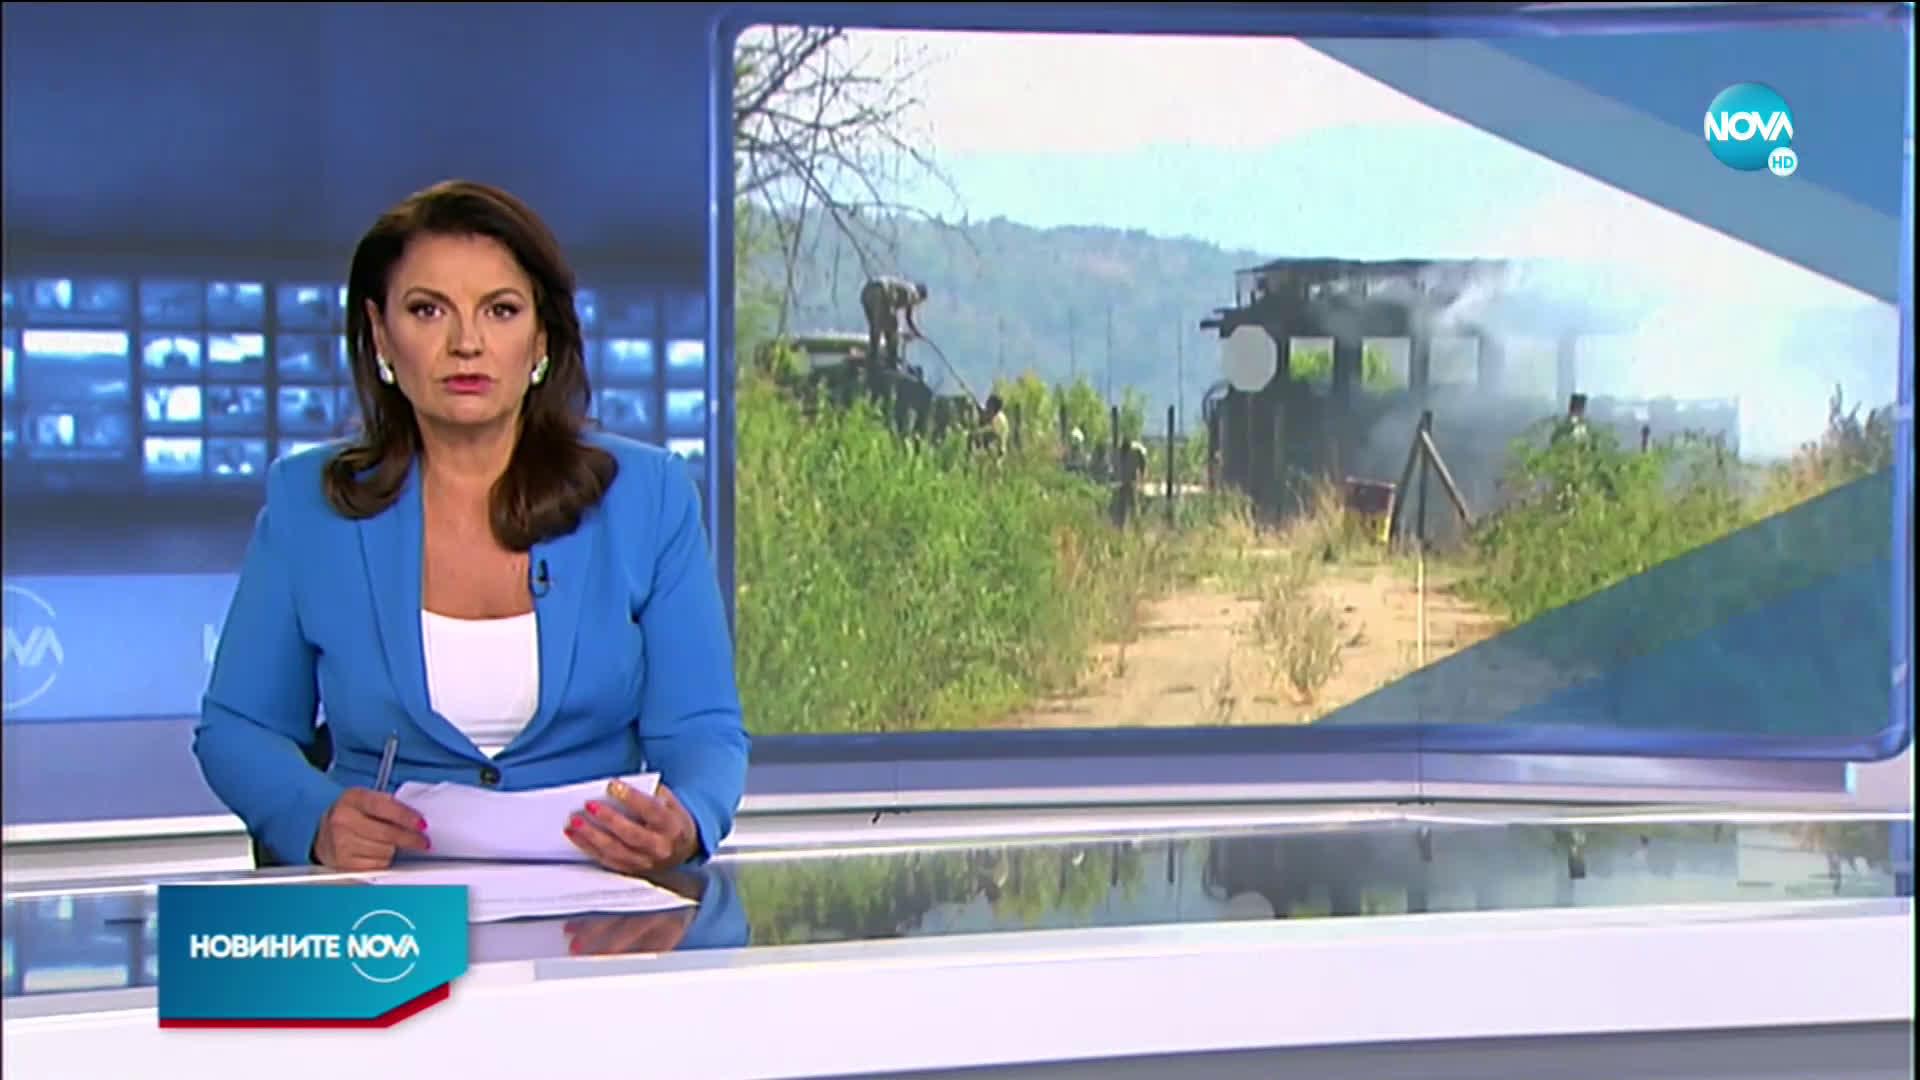 Новините на NOVA (15.09.2020 - следобедна емисия)